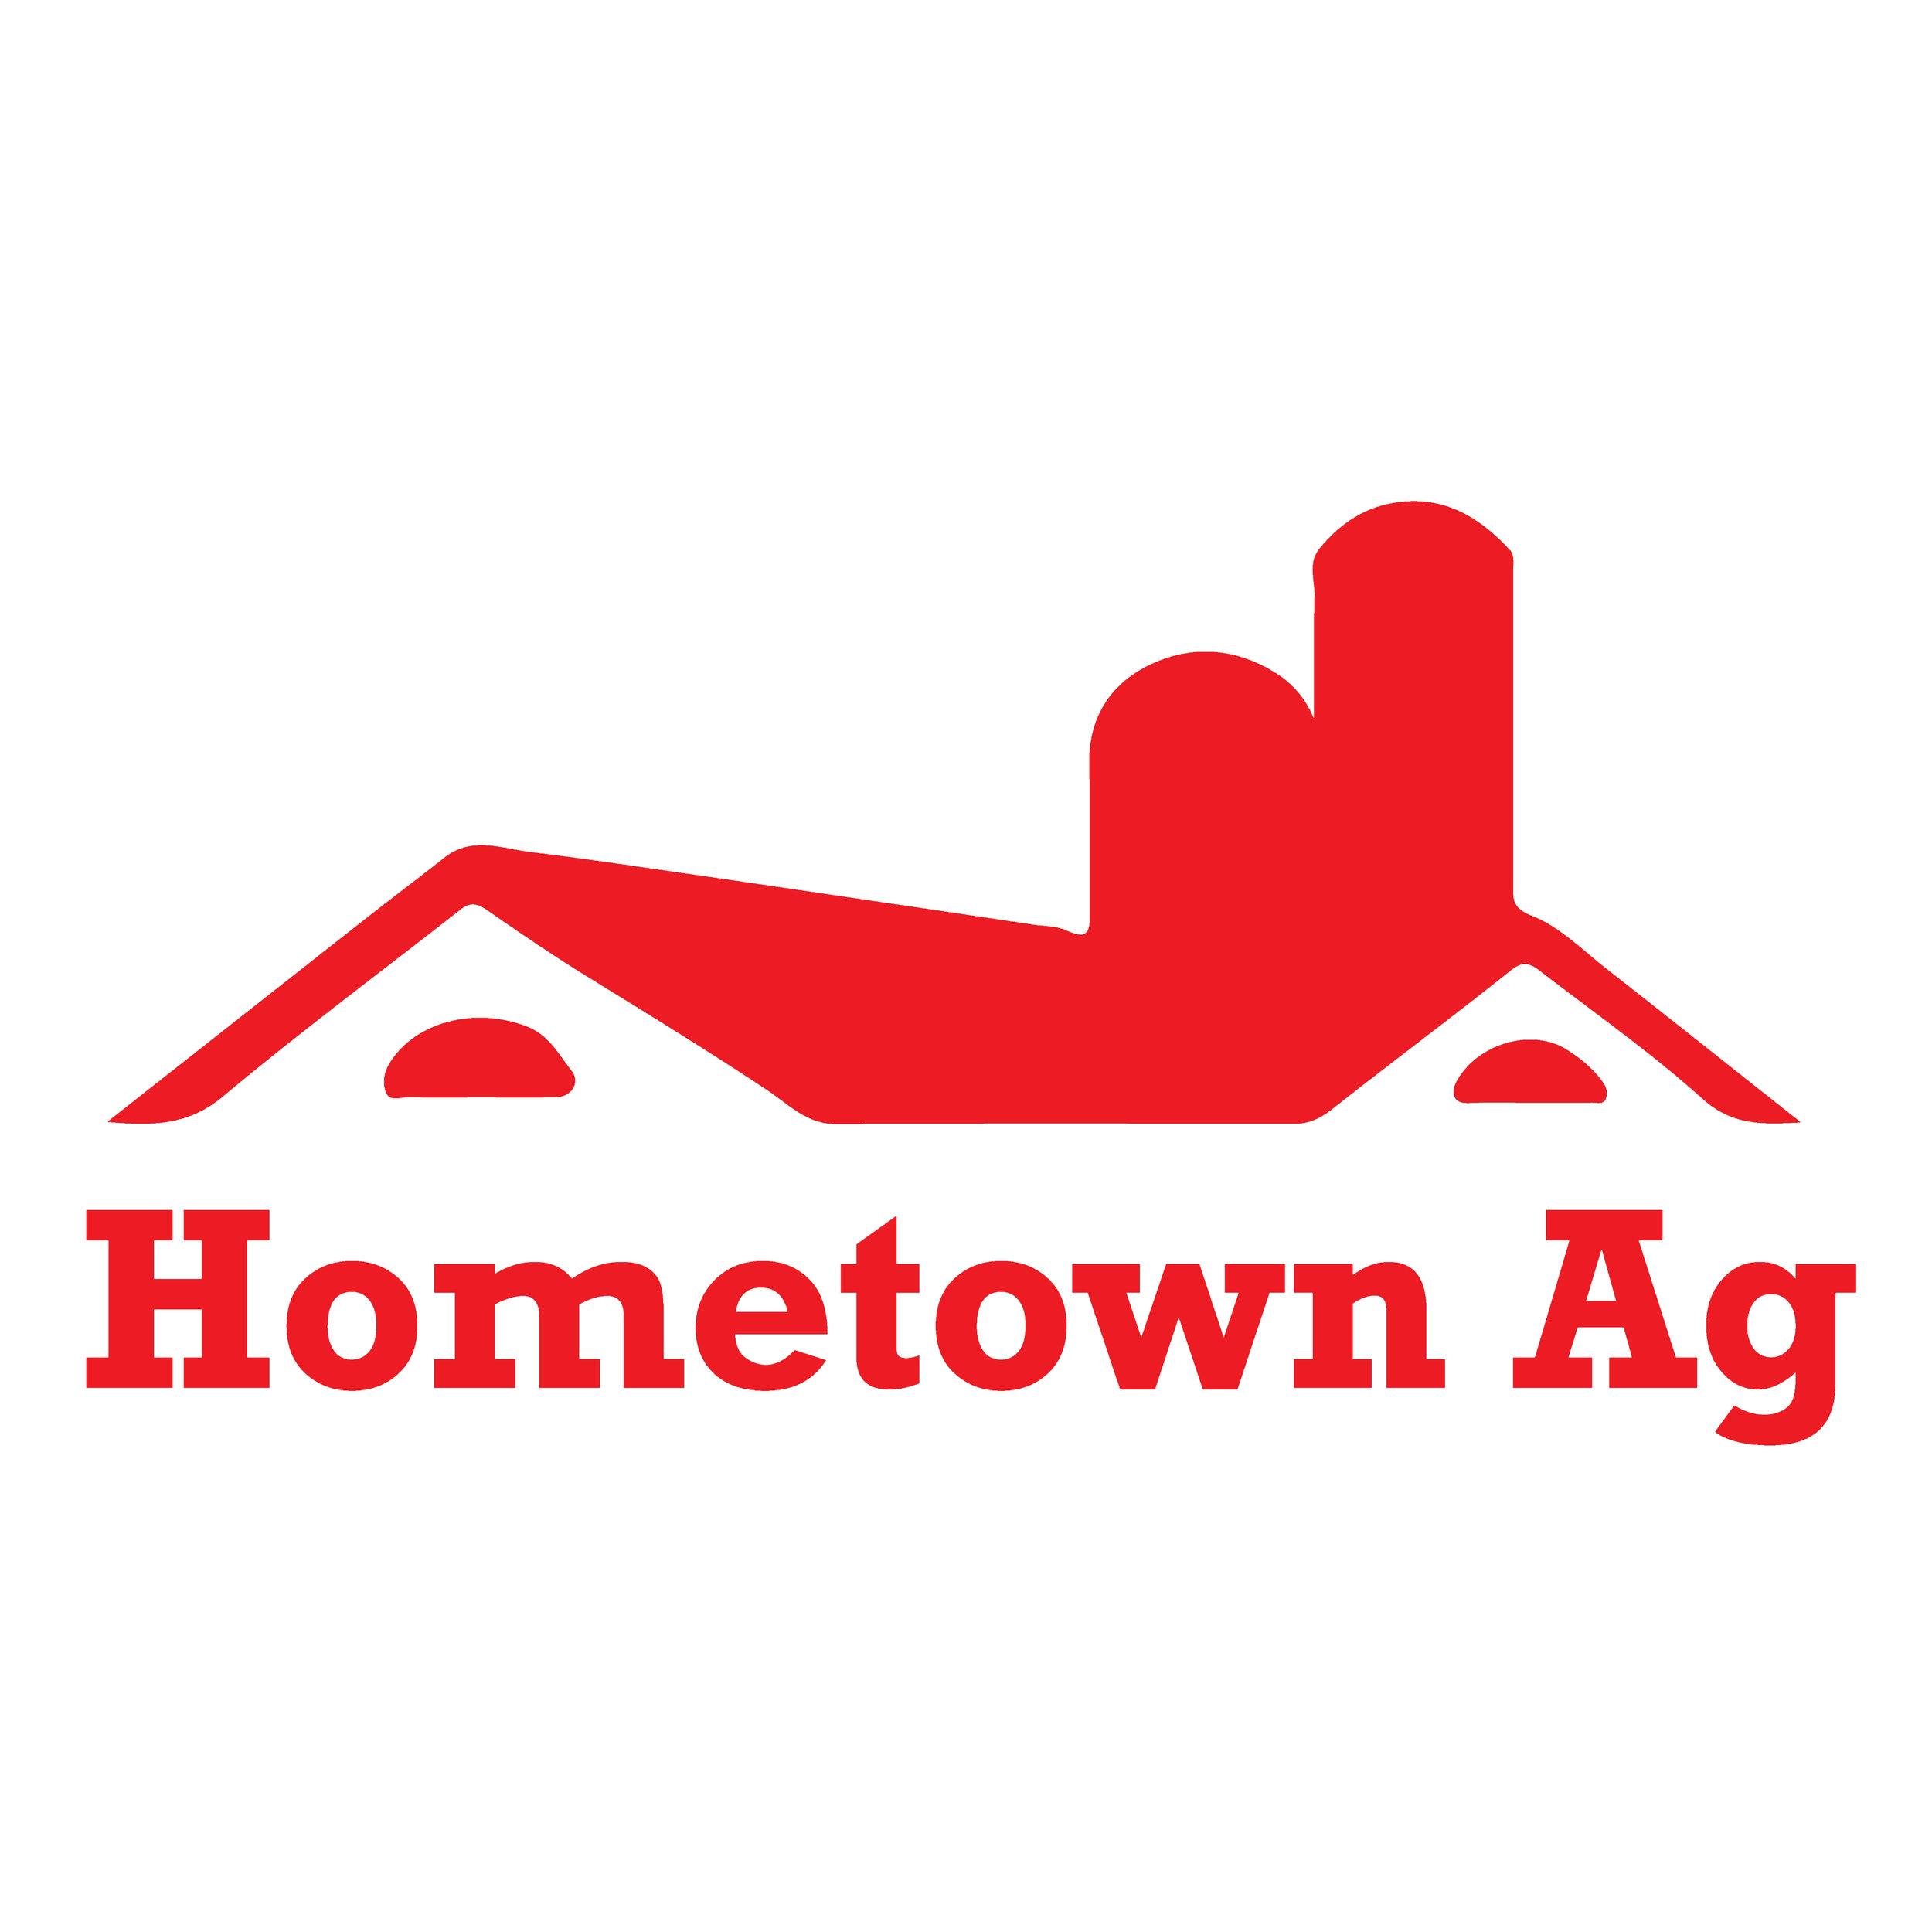 Hometown Ag logo